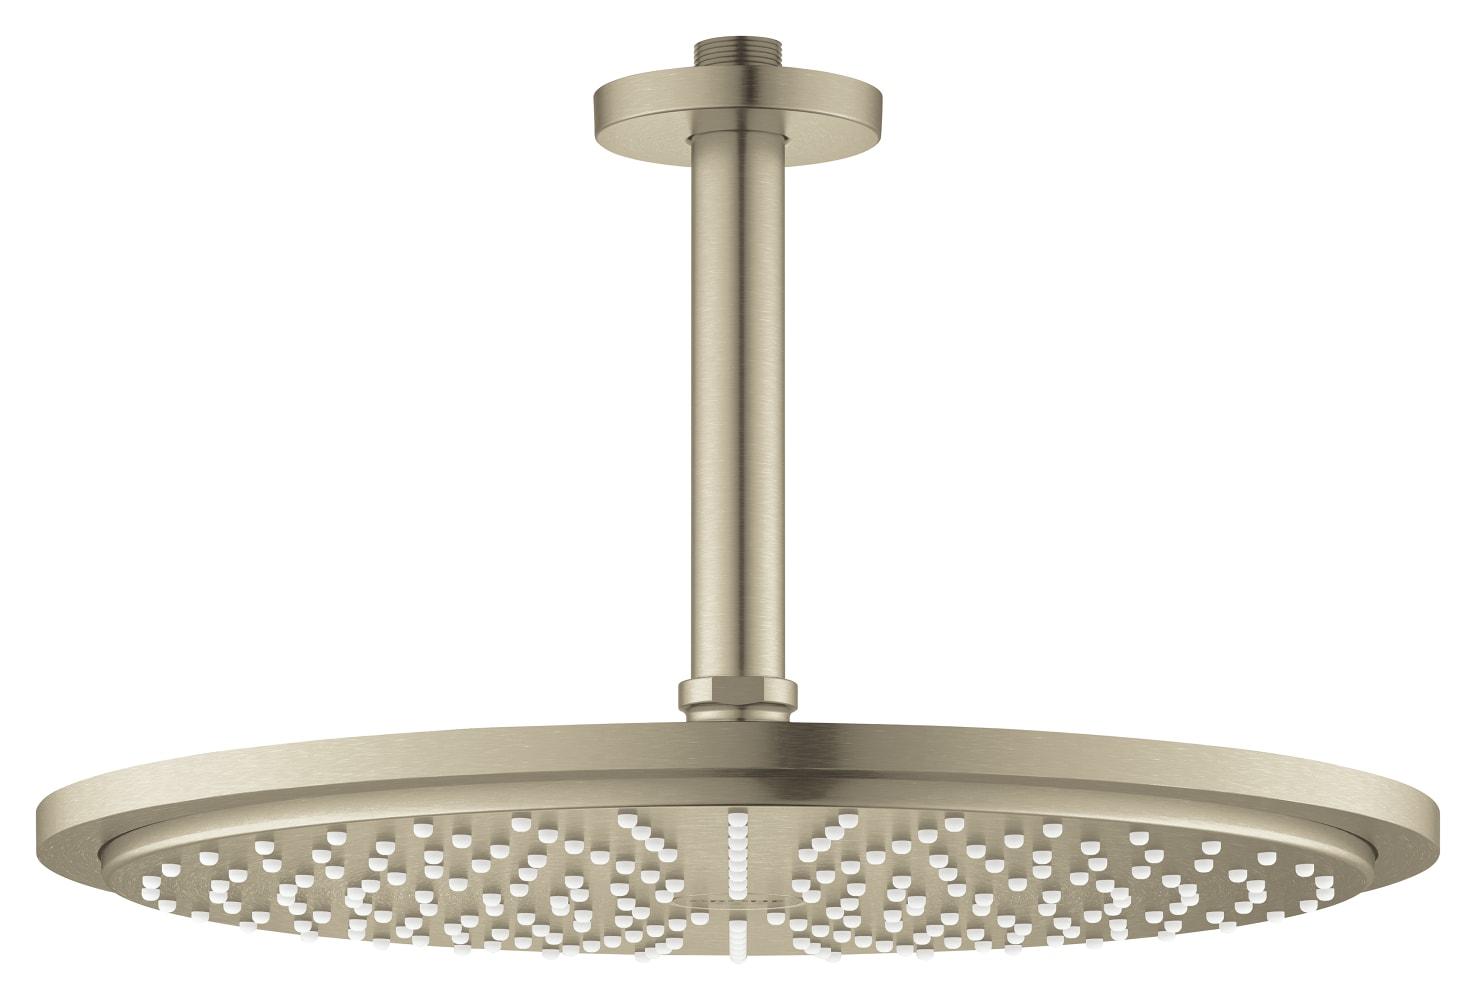 Zestaw prysznicowy GROHE Rainshower Cosmopolitan 310 Brushed Nickel 26067EN0